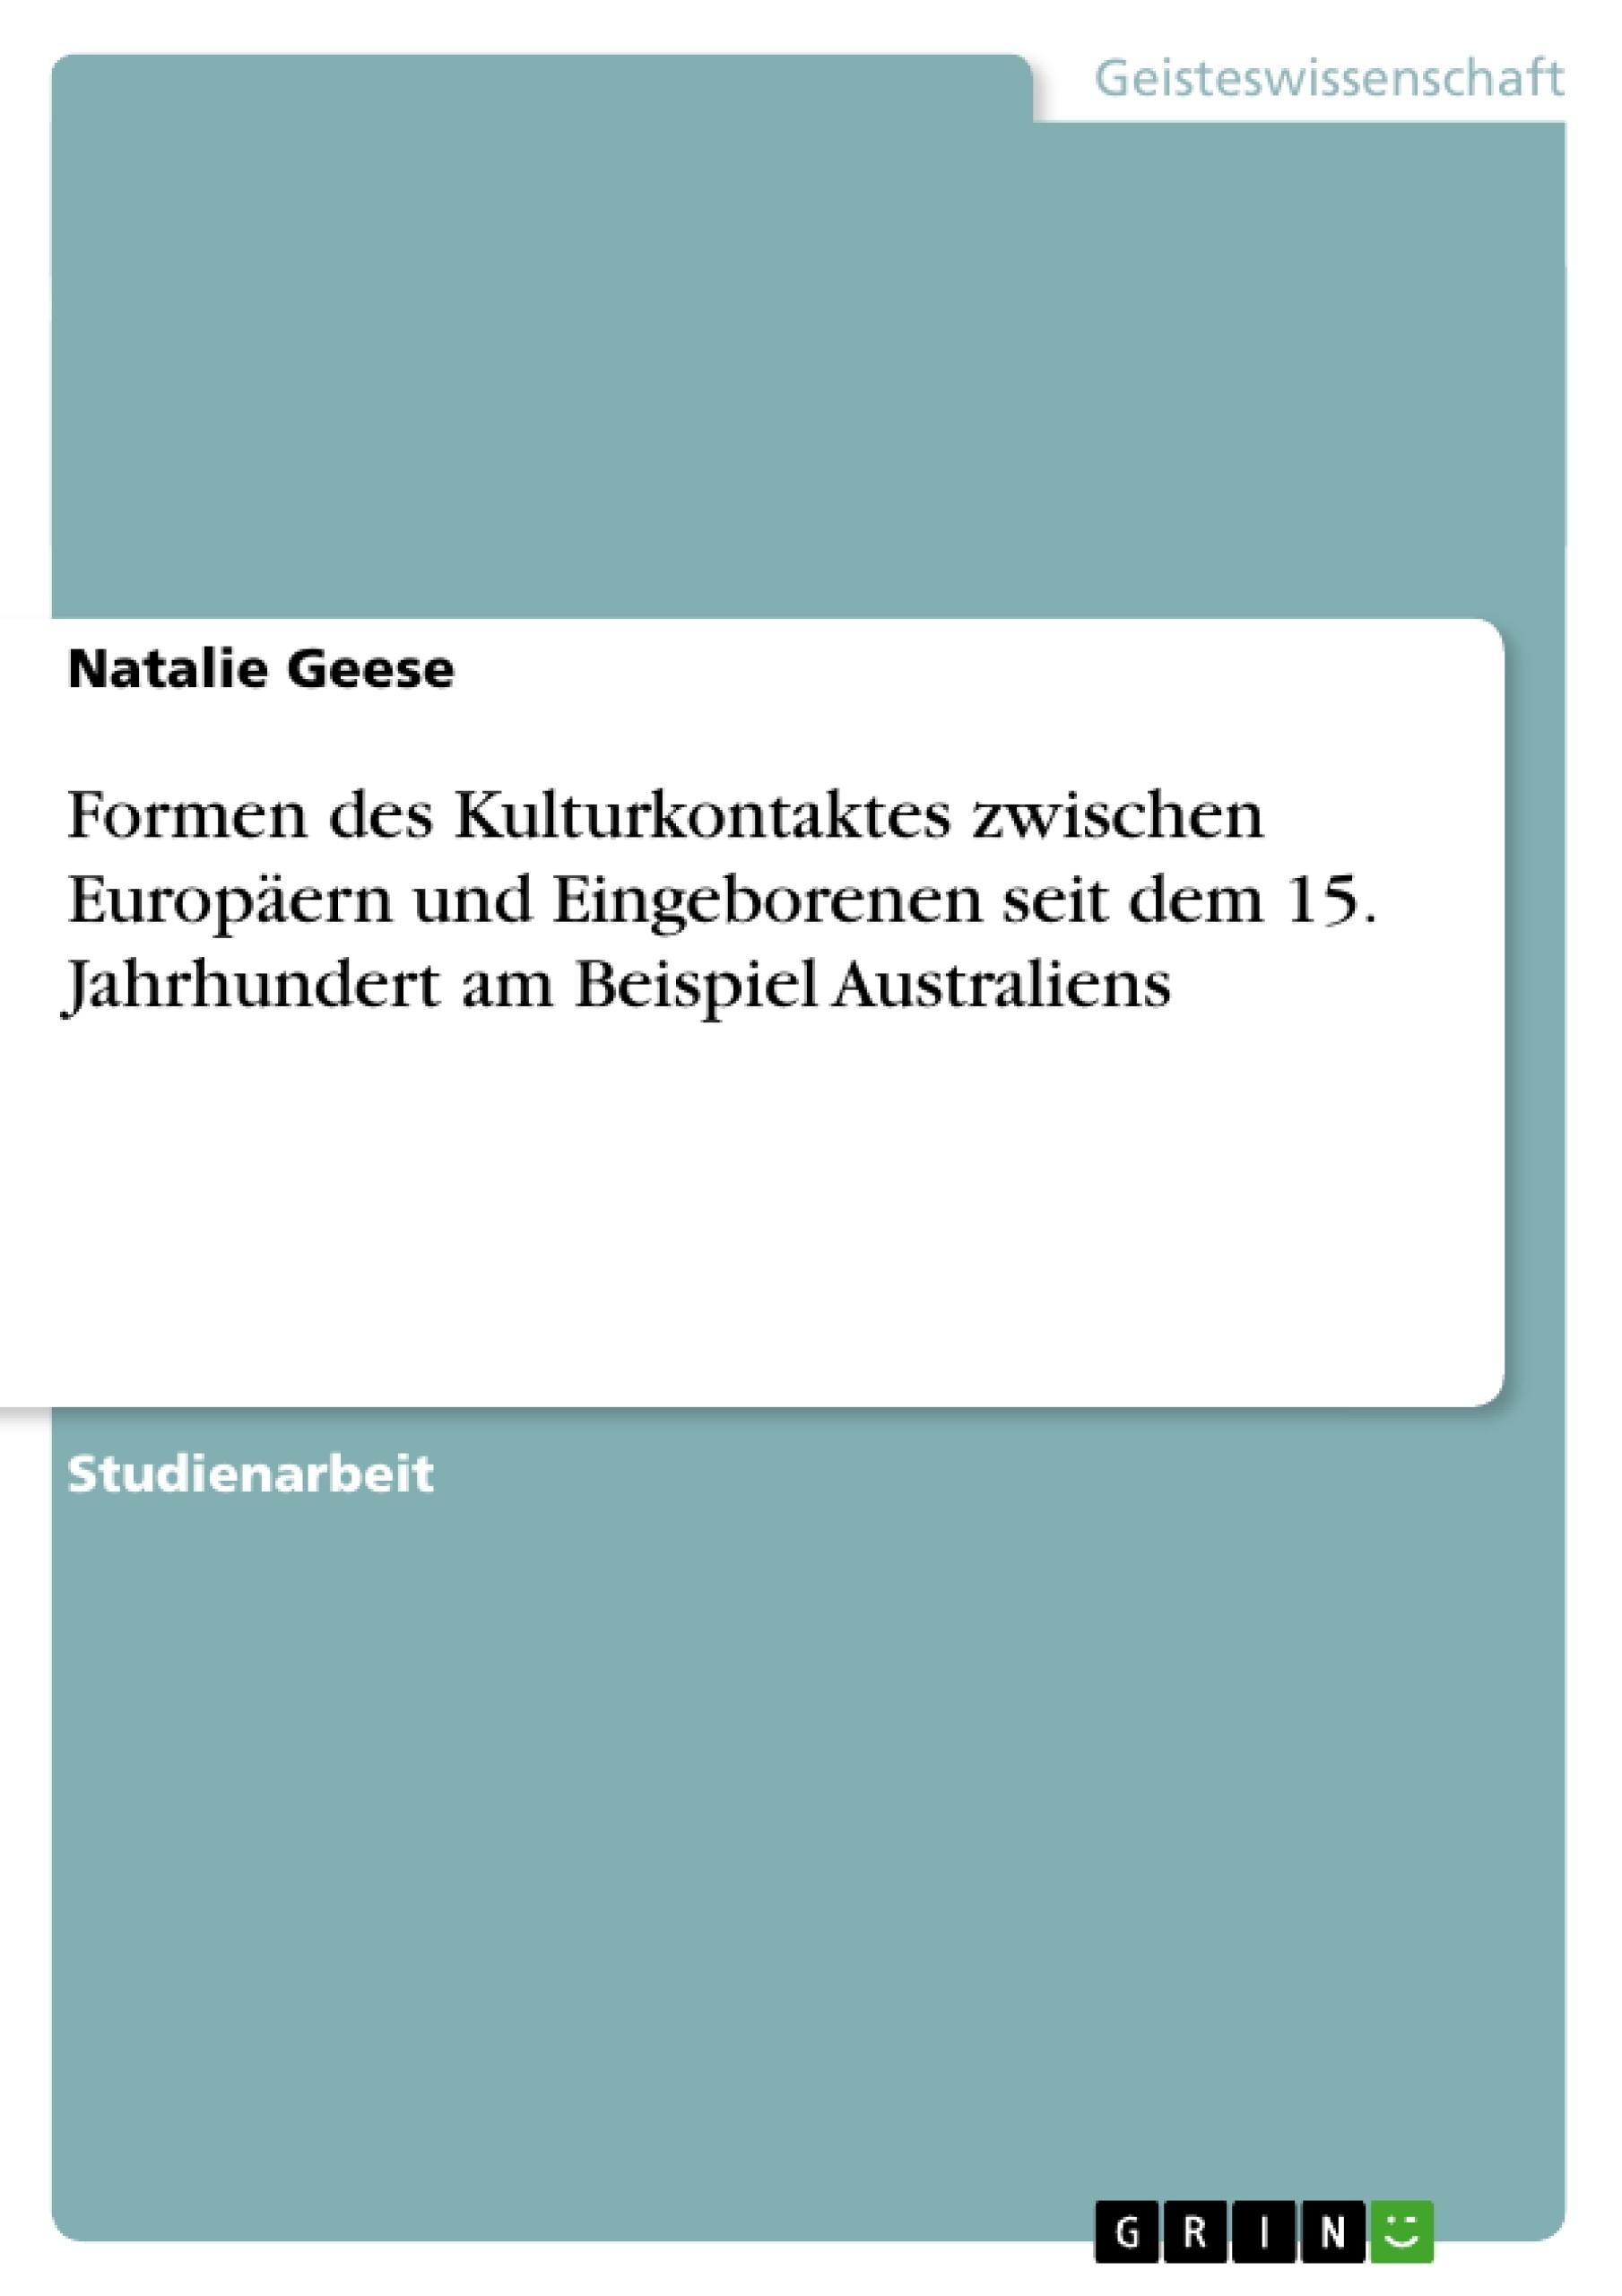 Titel: Formen des Kulturkontaktes zwischen Europäern und Eingeborenen seit dem 15. Jahrhundert am Beispiel Australiens